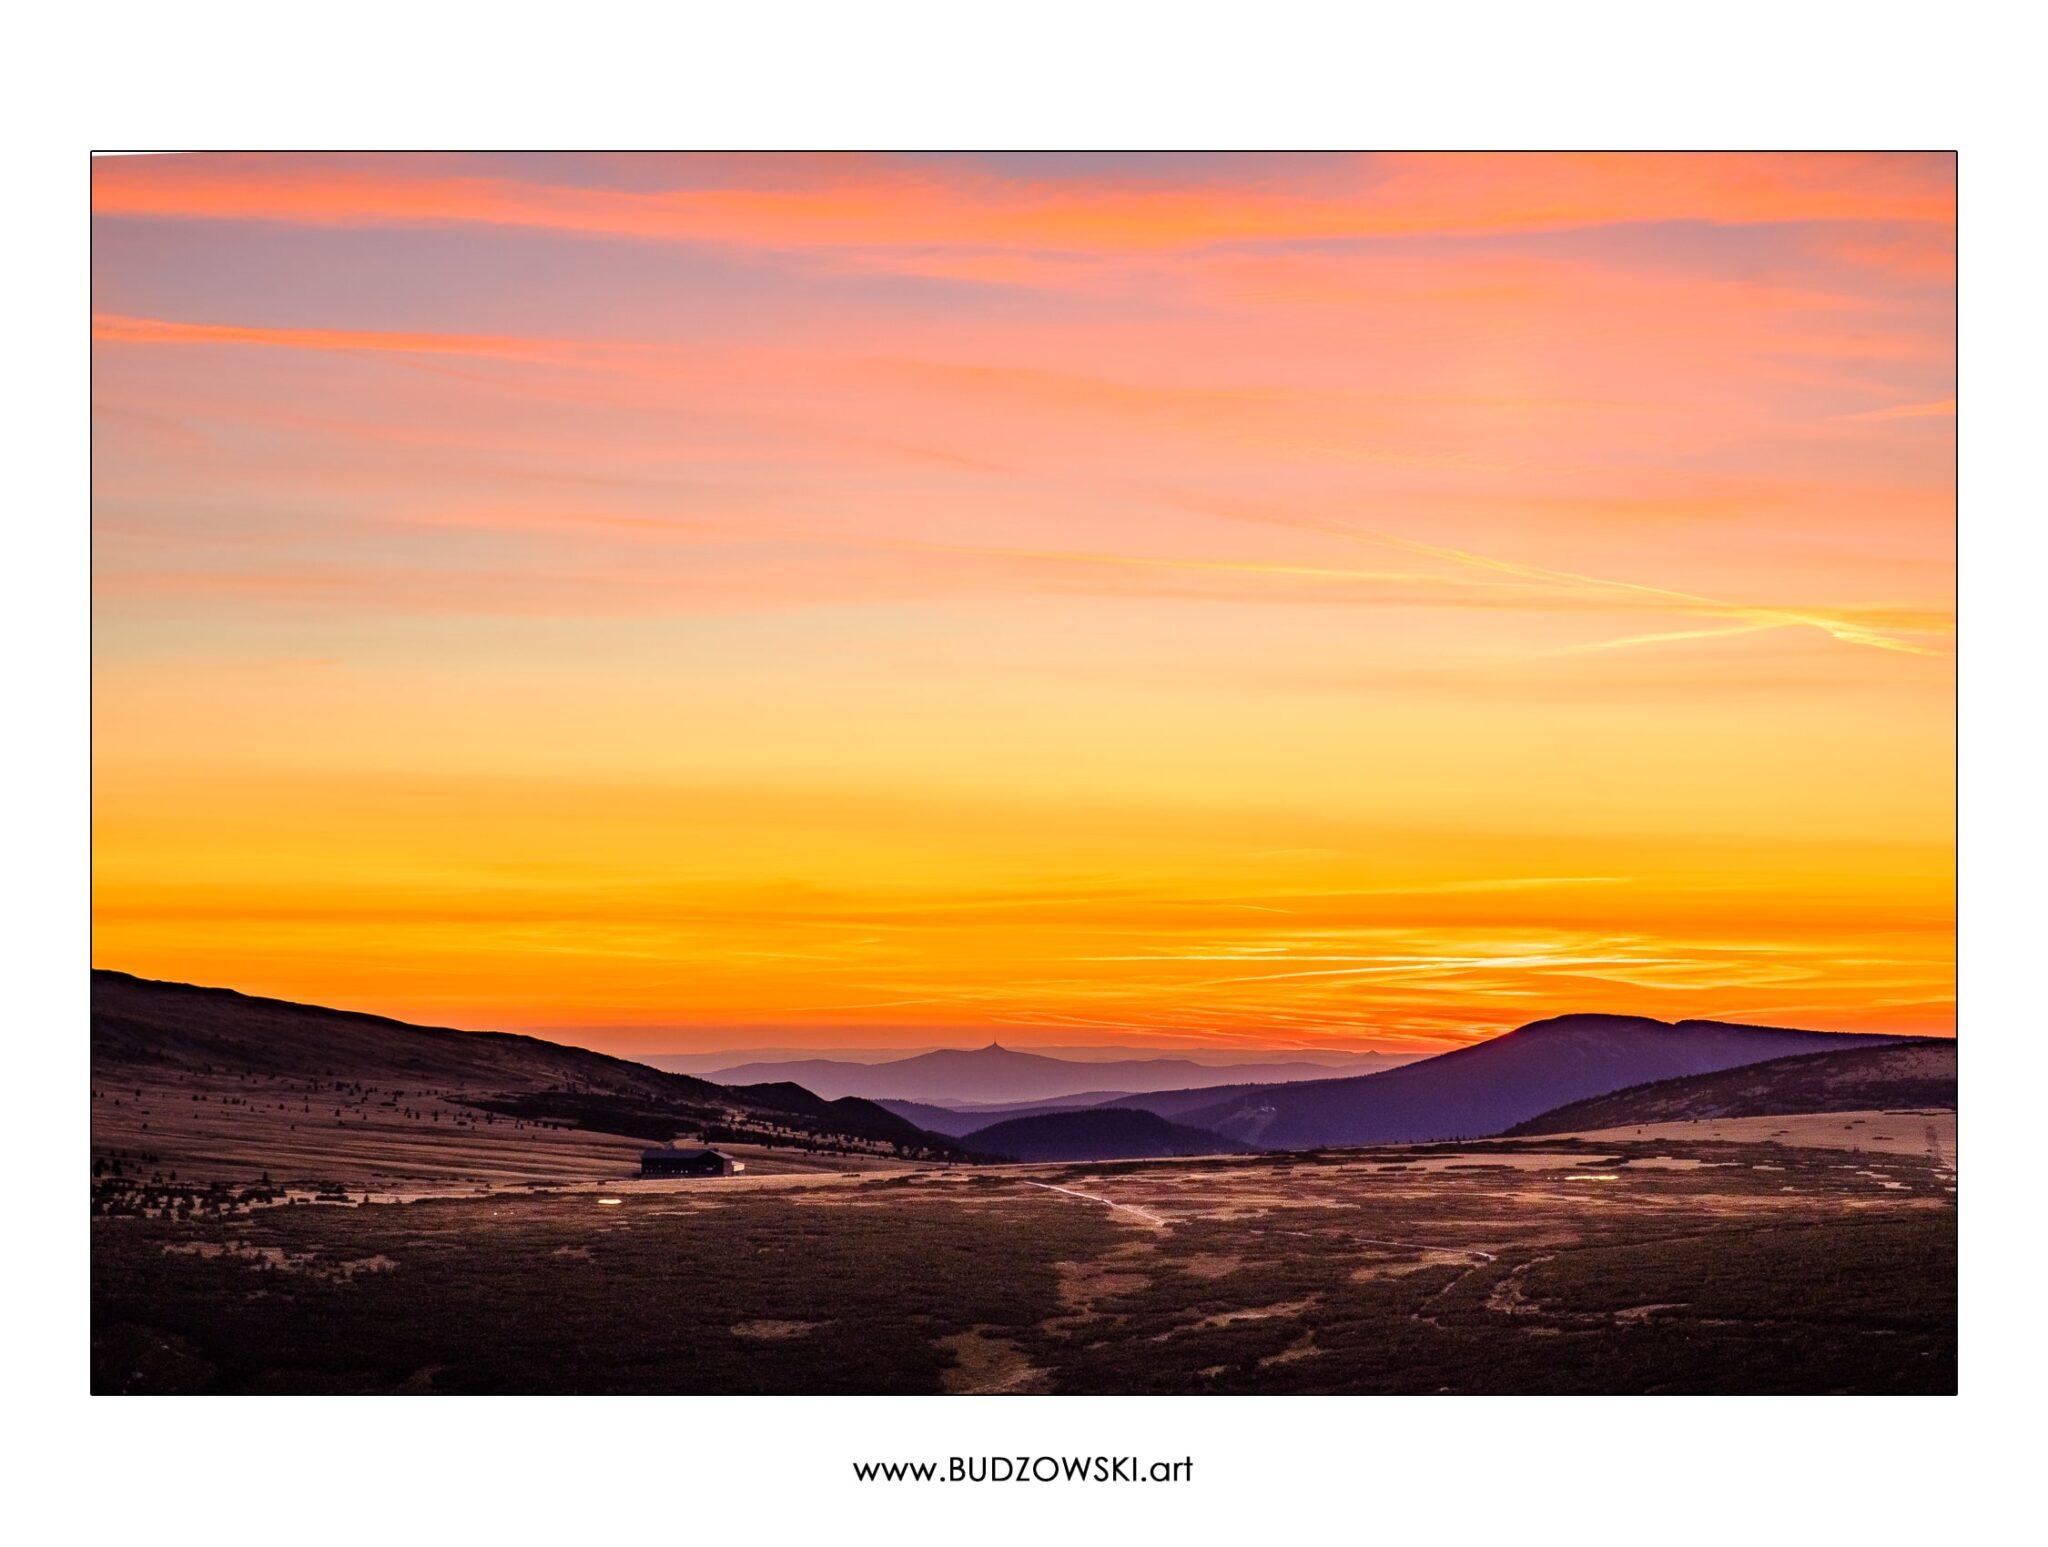 Zachód słońca w Karkonoszach